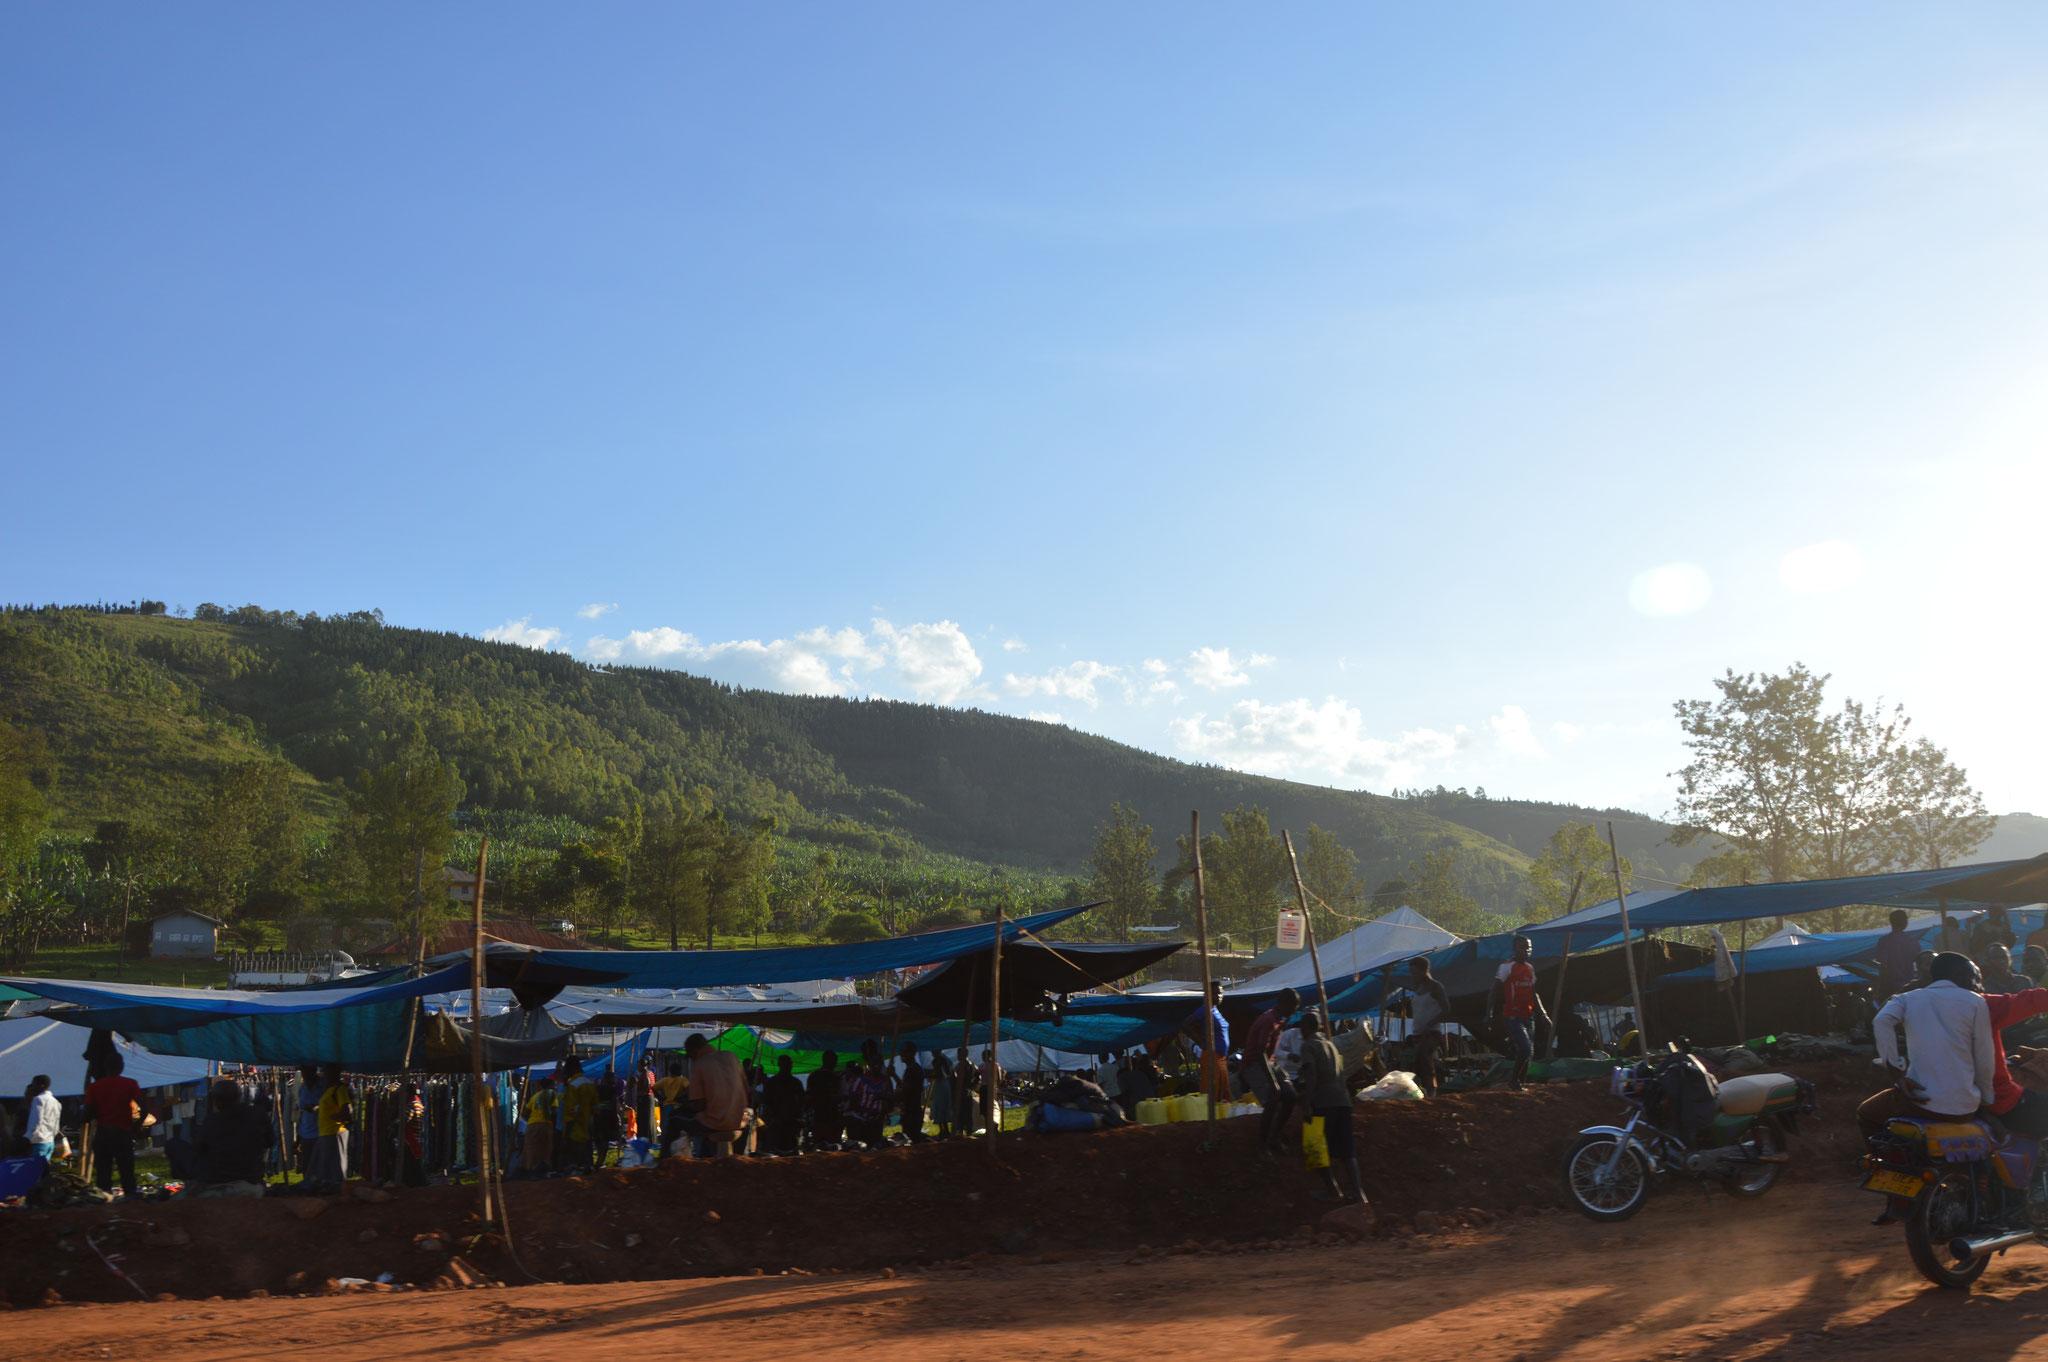 Das Dorf, das in der Nähe der Schule liegt